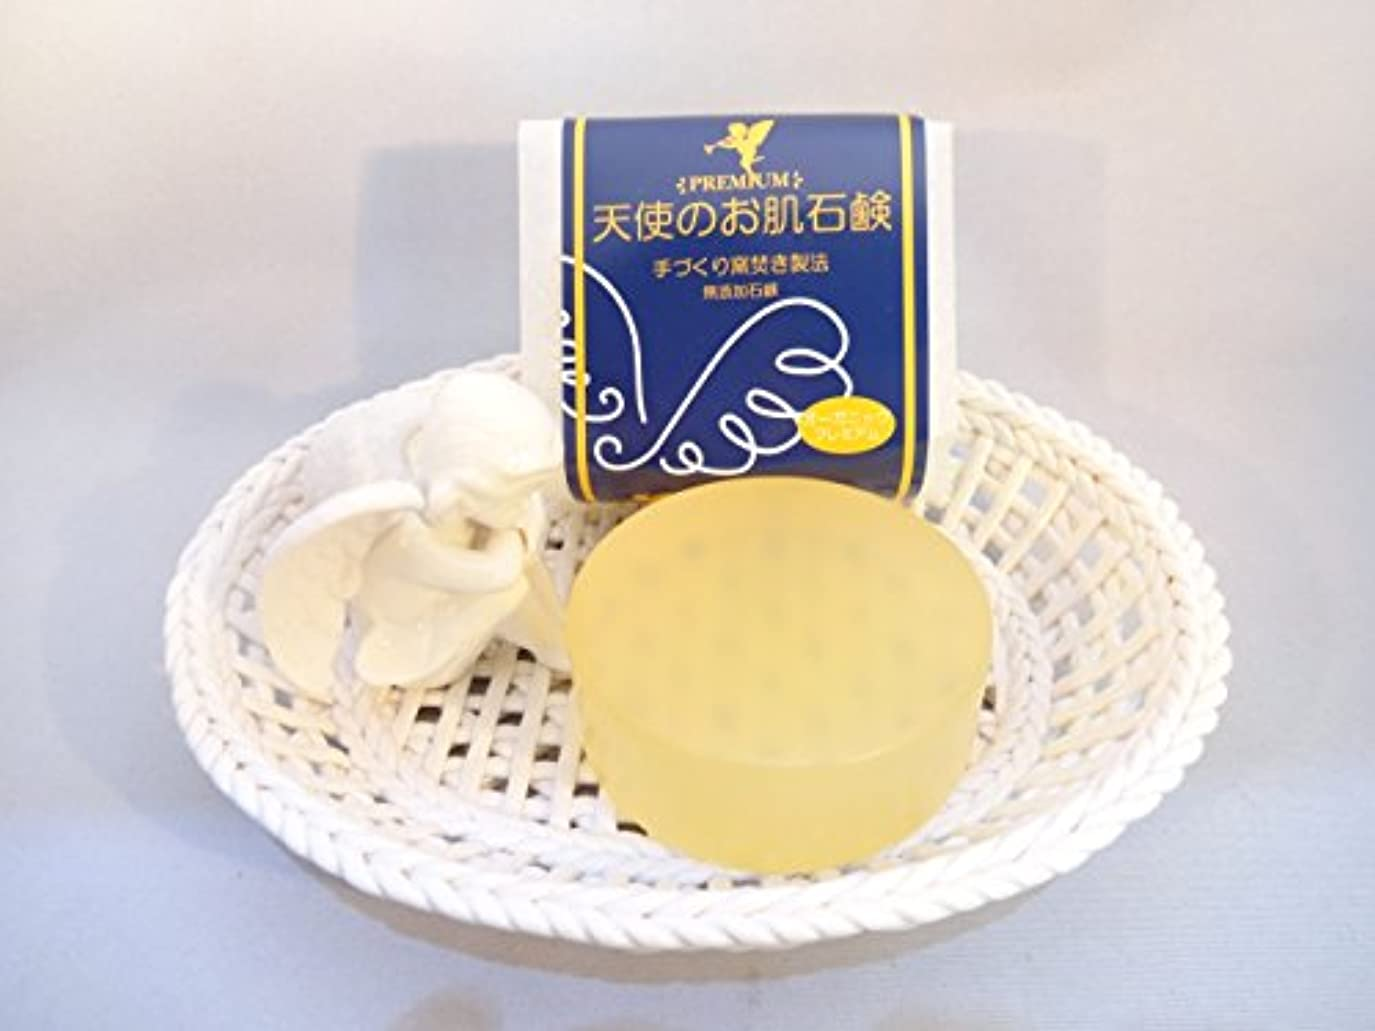 早熟寄託豆天使のお肌石鹸 「オーガニックプレミアム」 100g